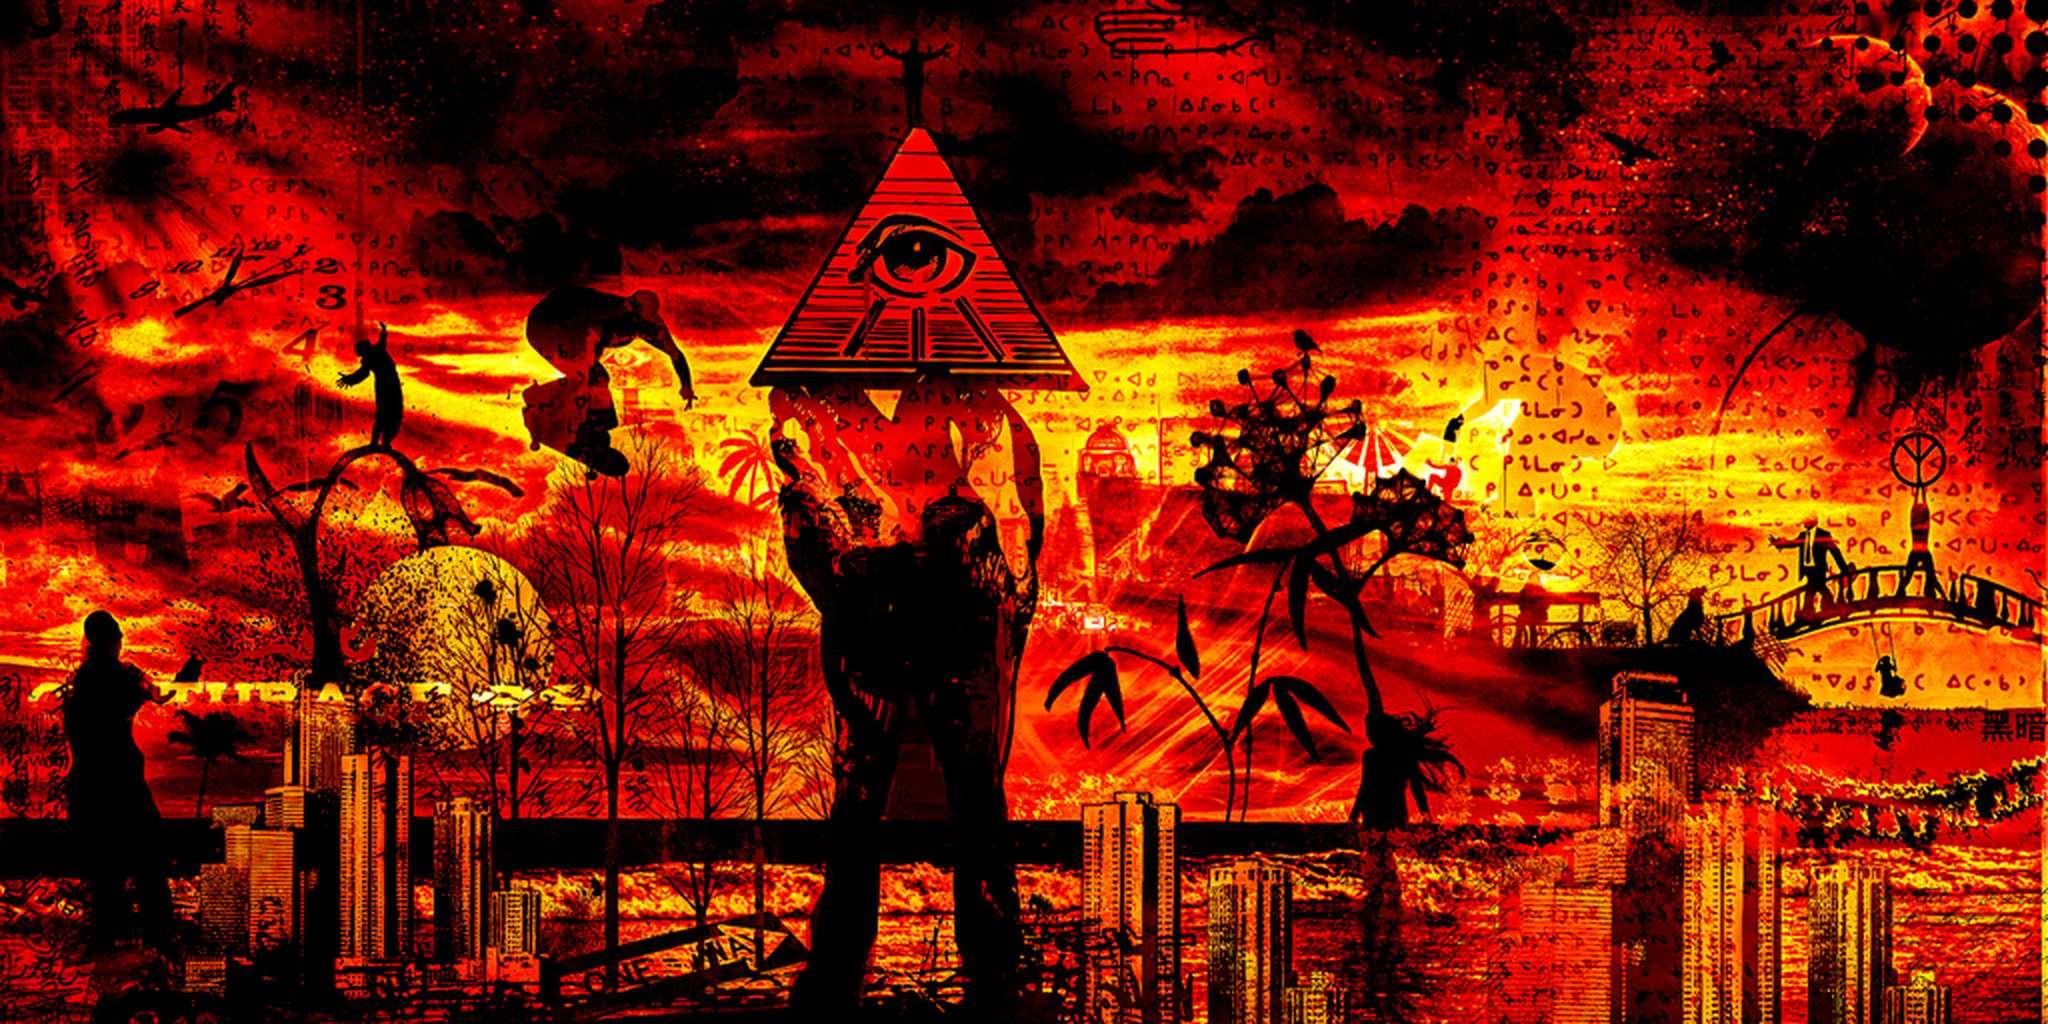 83ecaf768a335d2689c8dee6f3774958 - Vatikanın Karanlık Sırları Ve Papa'nın Seyirci Salonundaki Gizli Reptilian Sembolleri